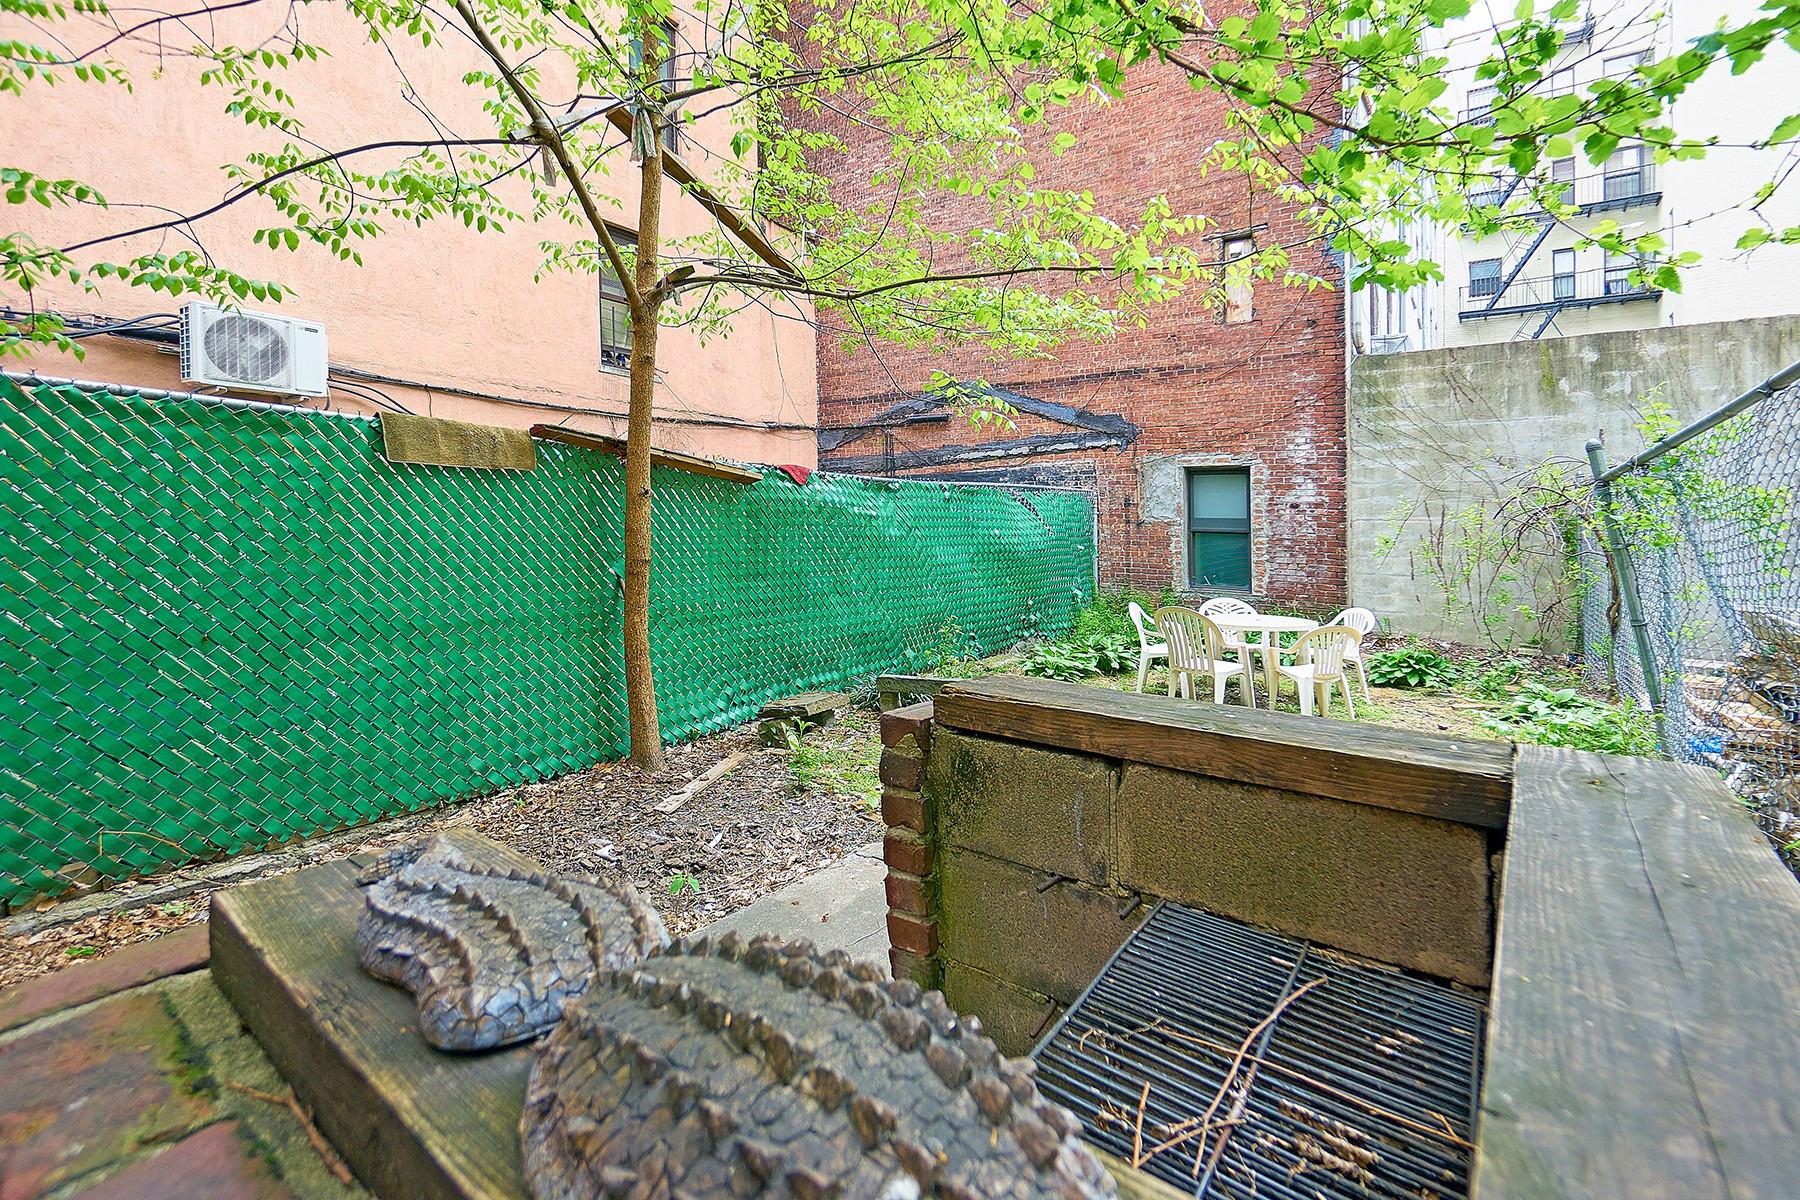 344 West 145th Street Hamilton Heights New York NY 10031 - David